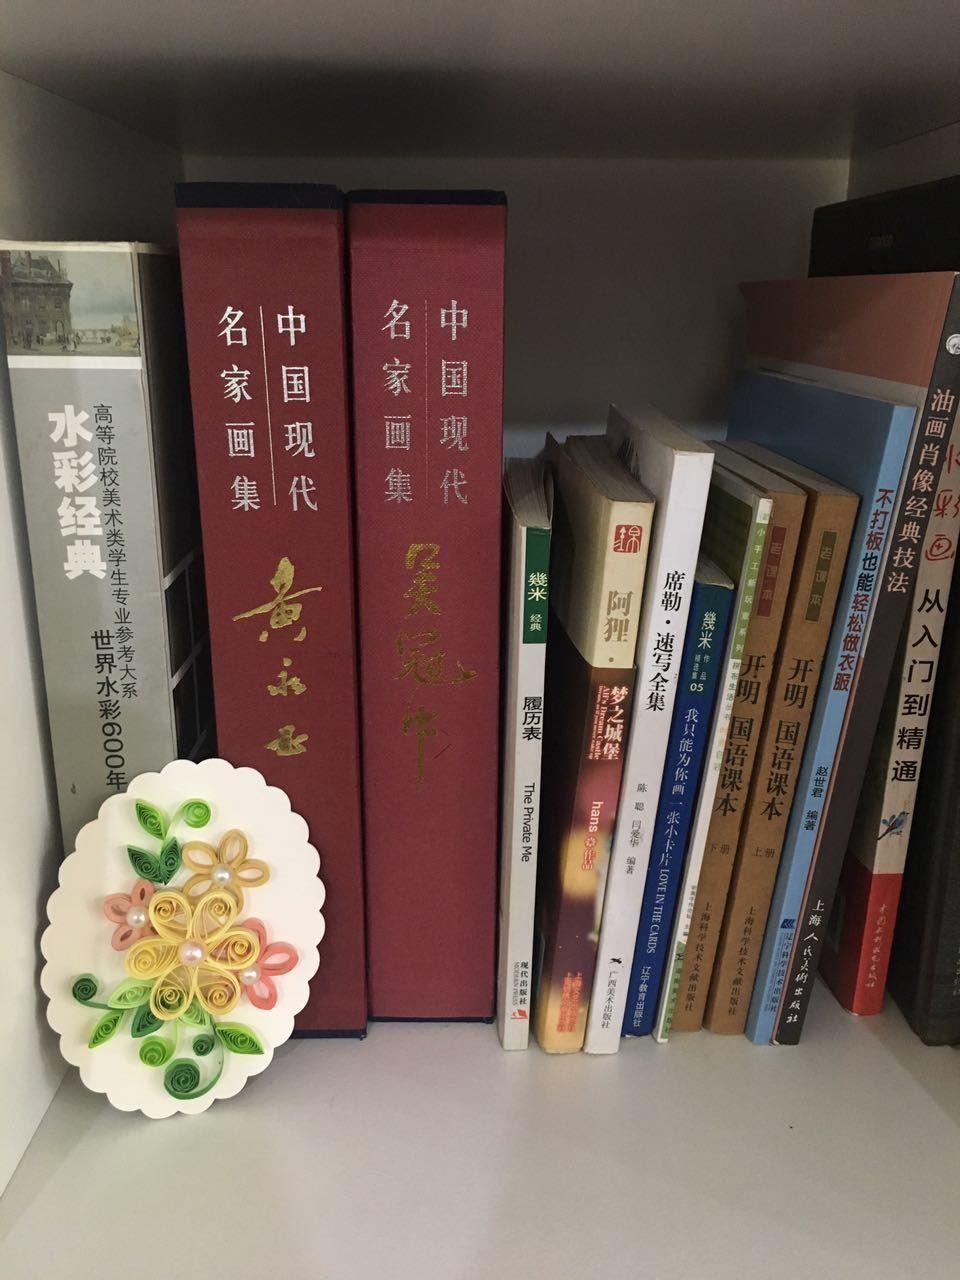 画室米田画室 创意木片画画出自然美 北京美团网